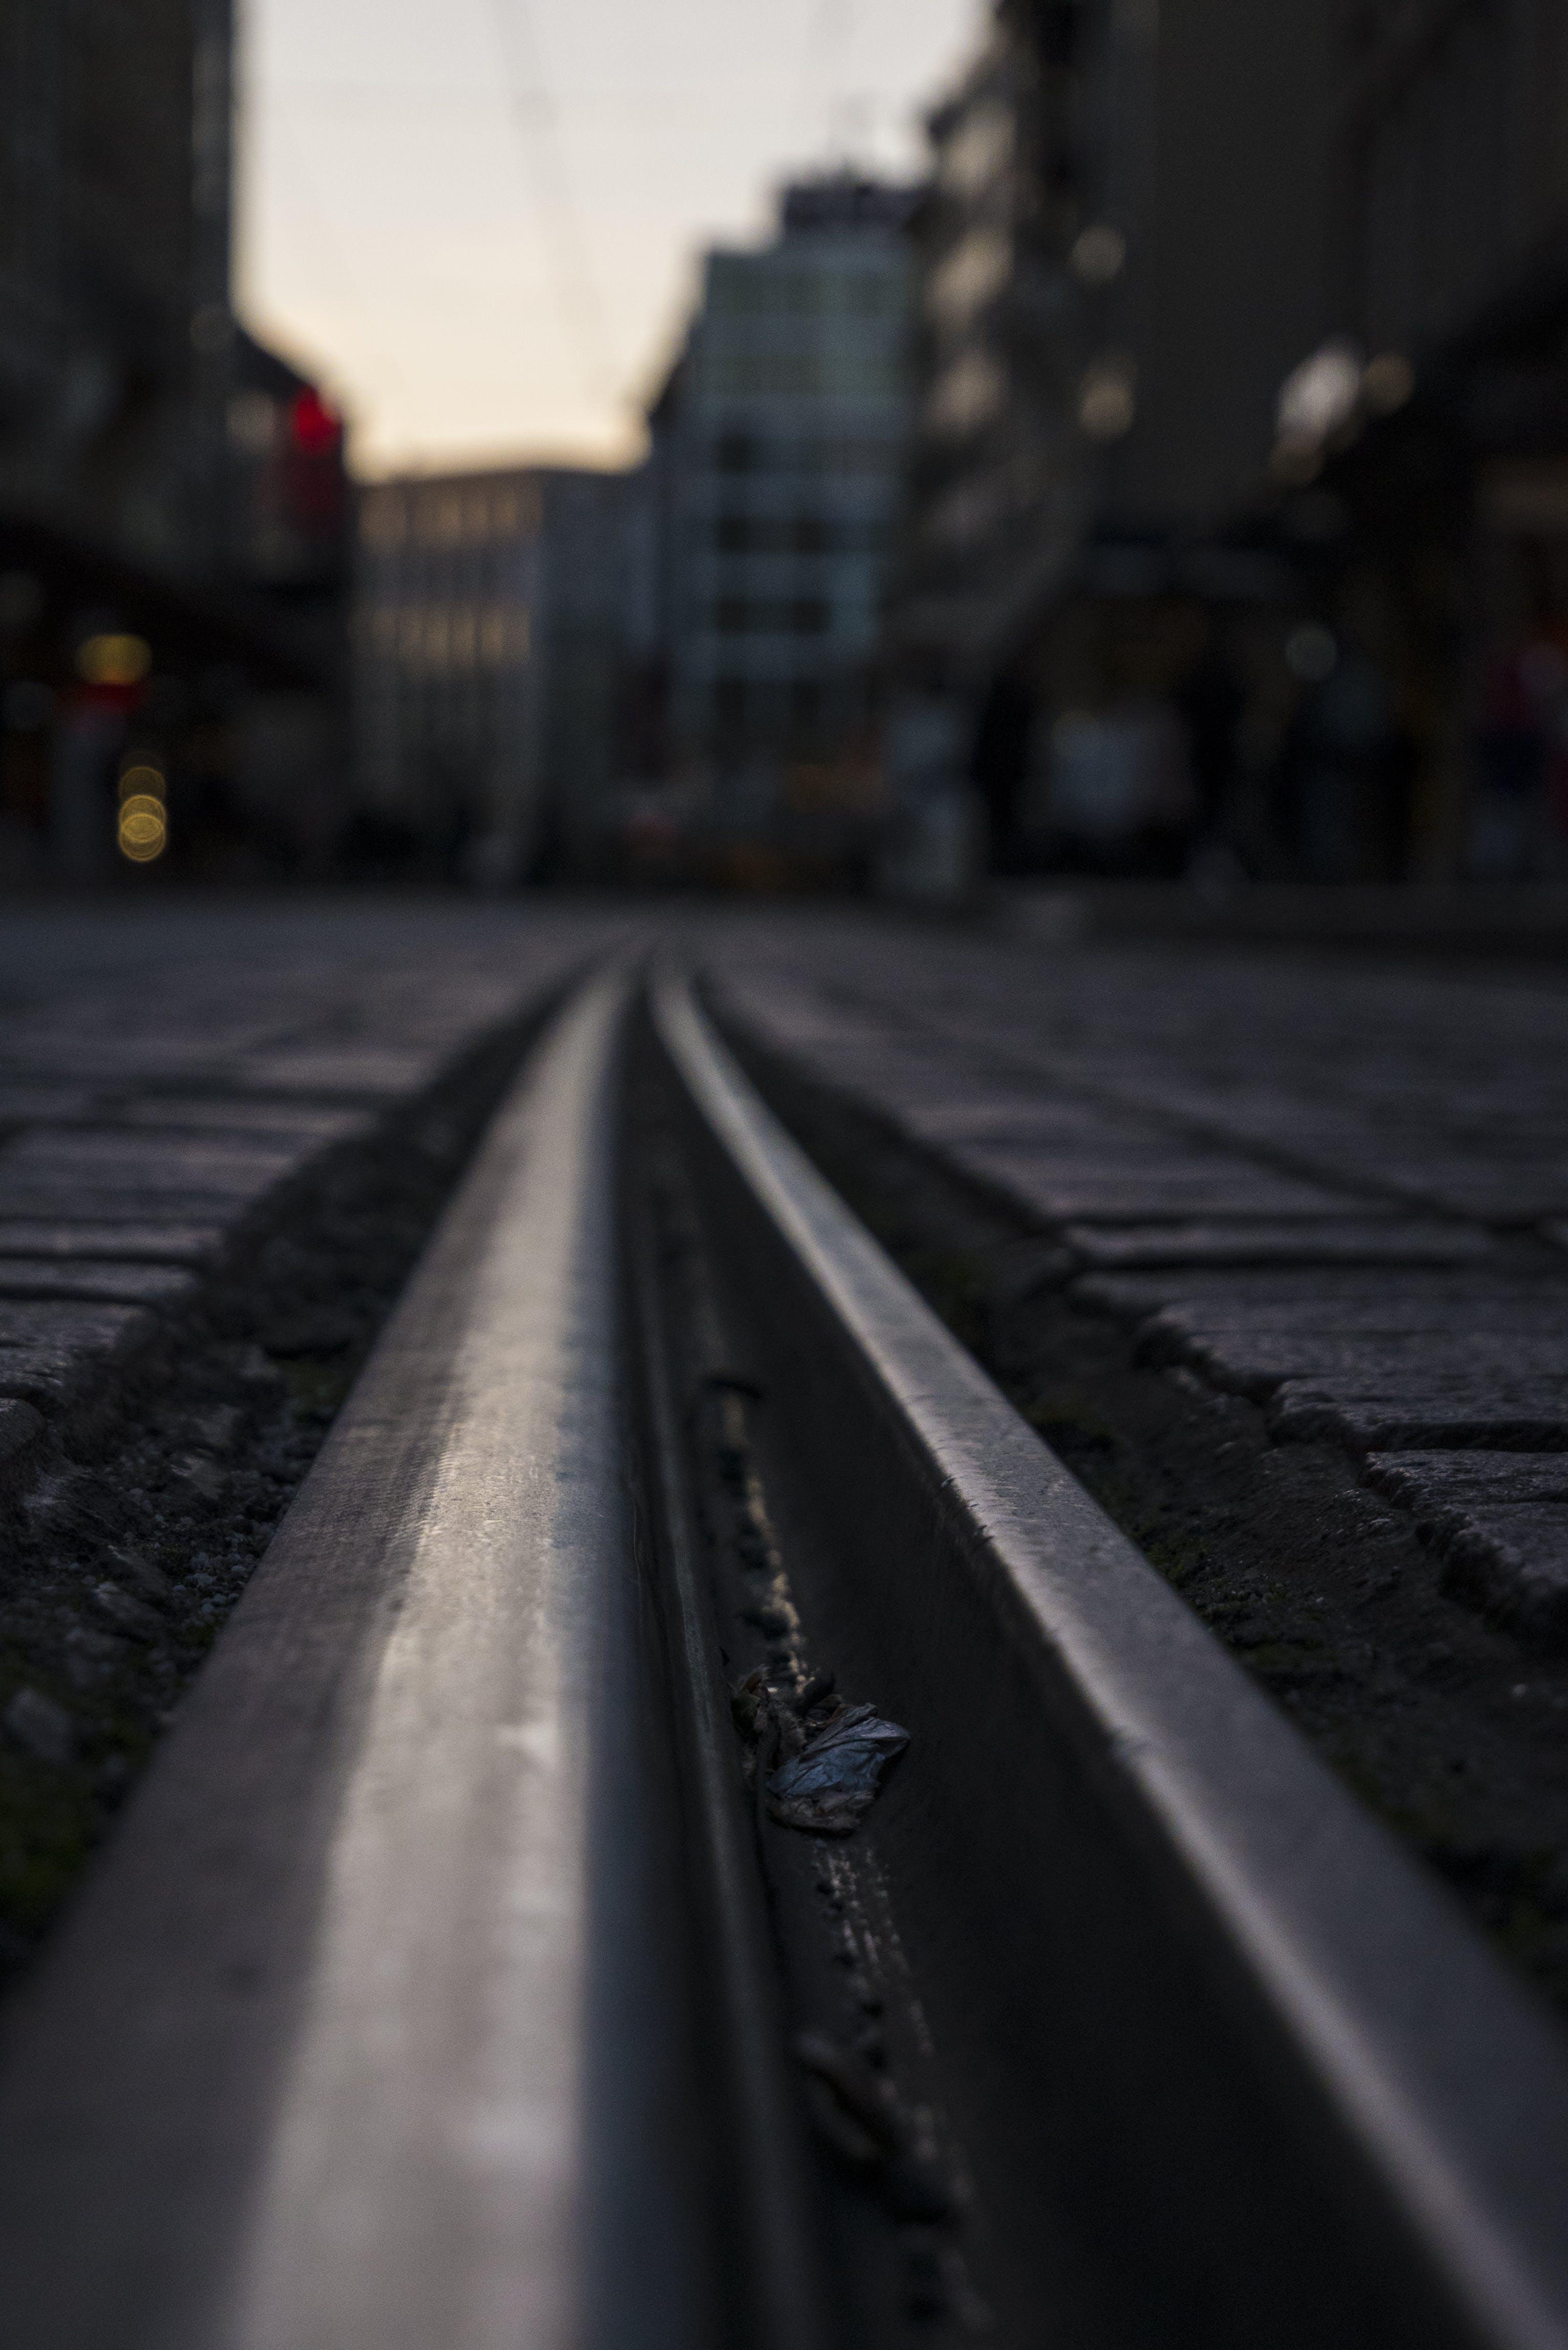 Free stock photo of city, switzerland, train, train tracks